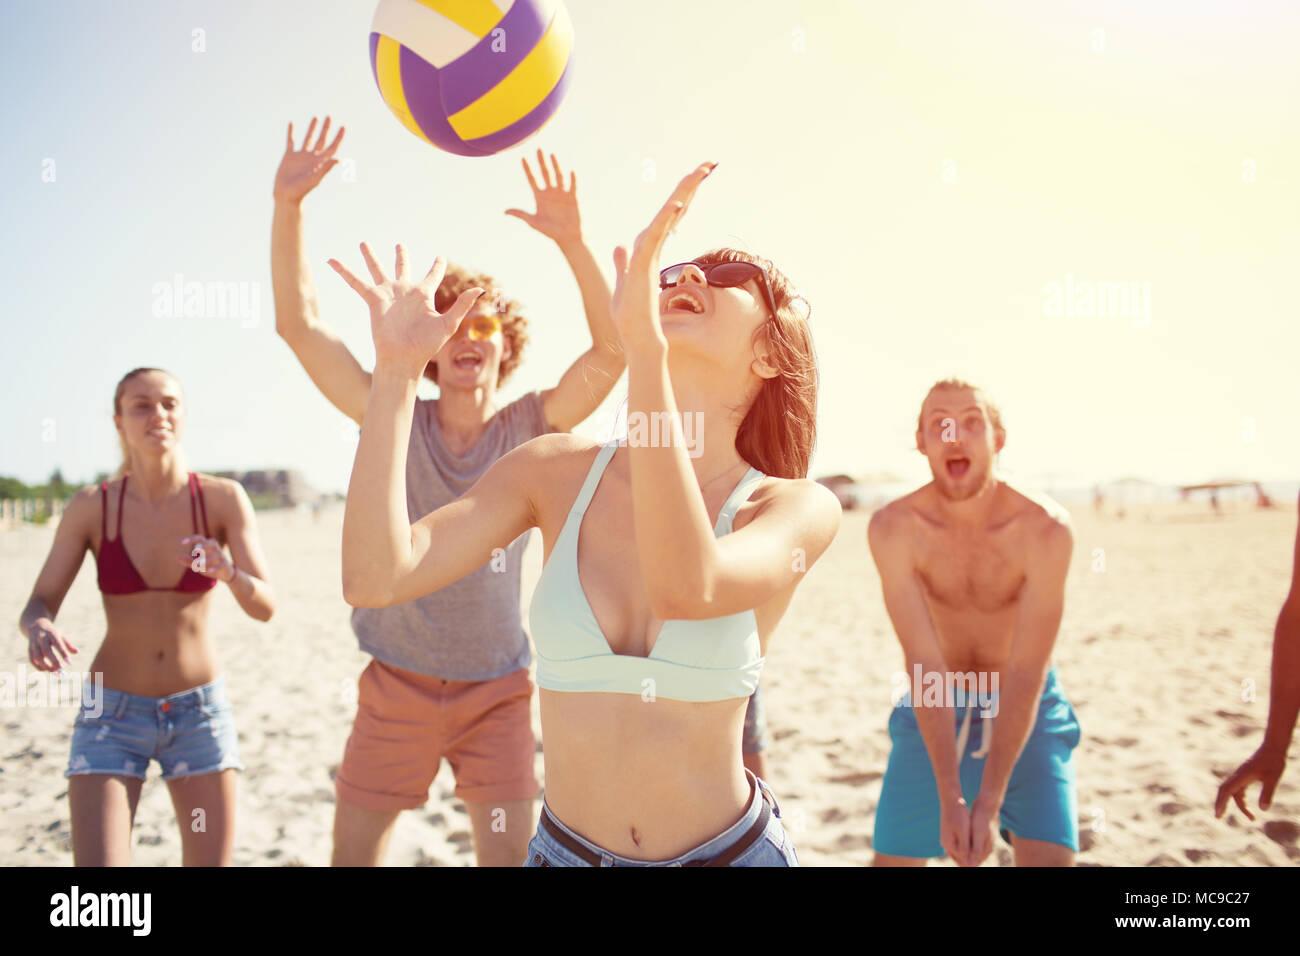 Gruppe von Freunden zu Beach-Volleyball am Strand spielen Stockbild